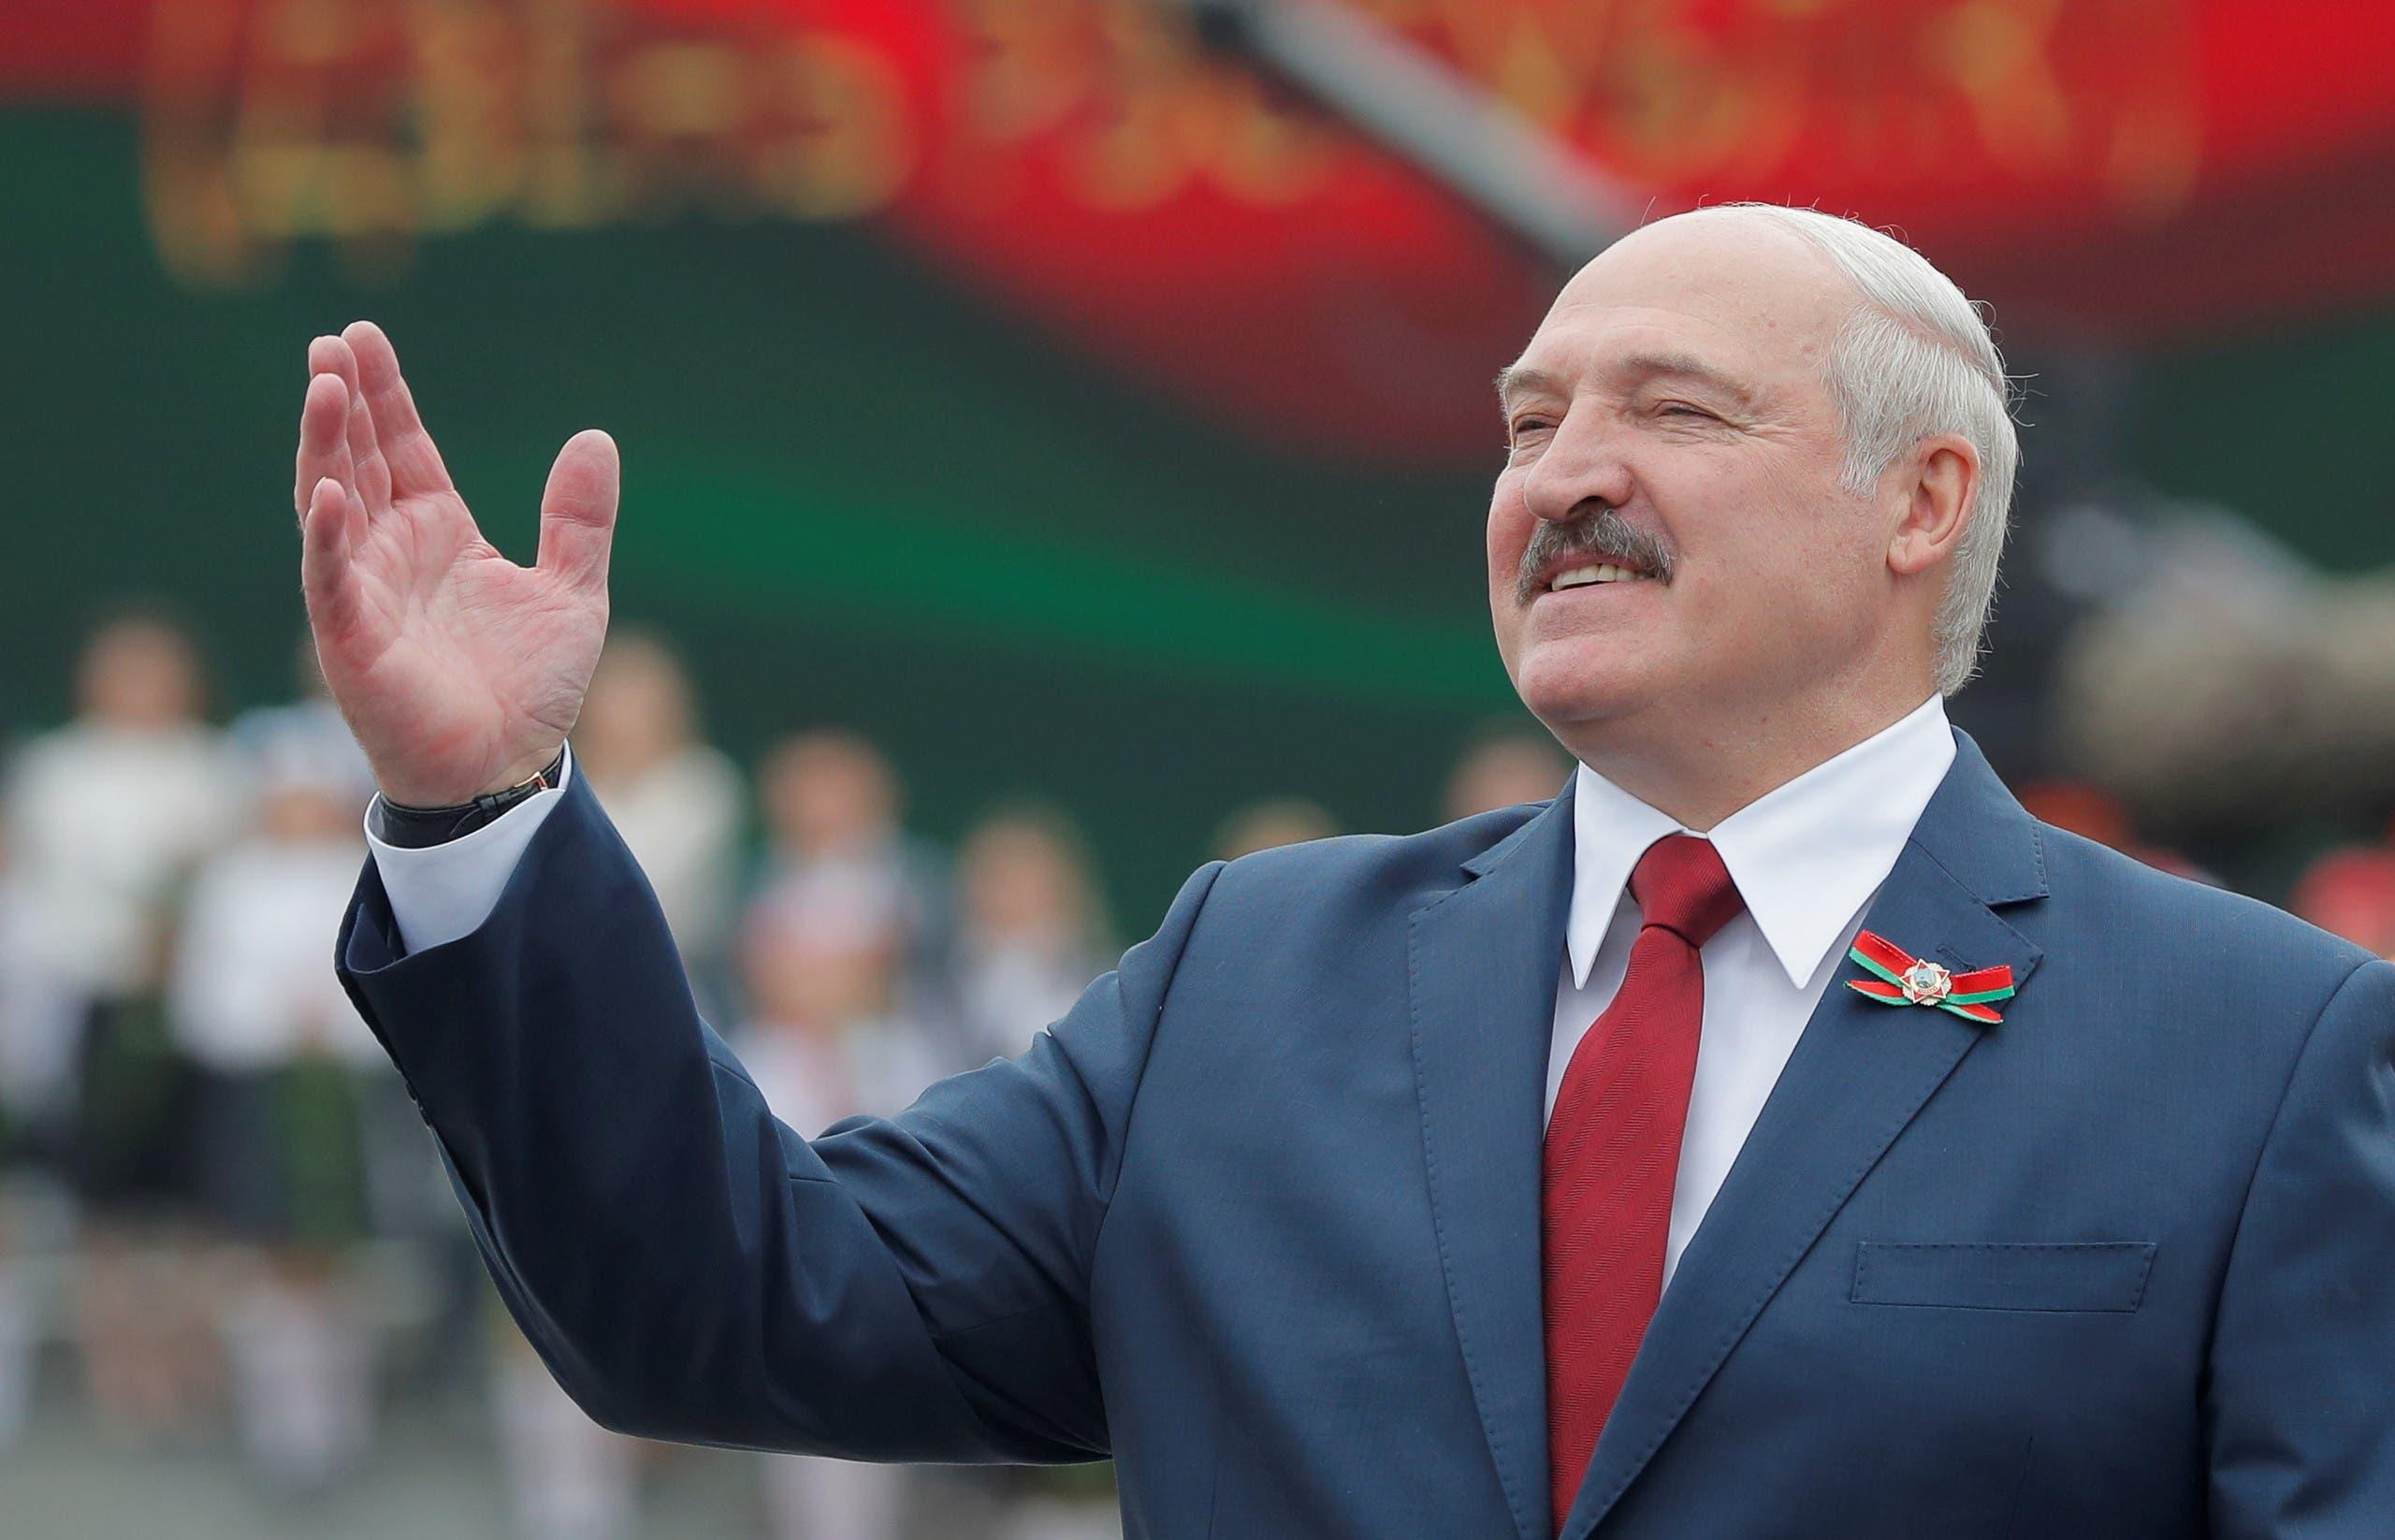 رئيس روسيا البيضاء ألكسندر لوكاشينكو